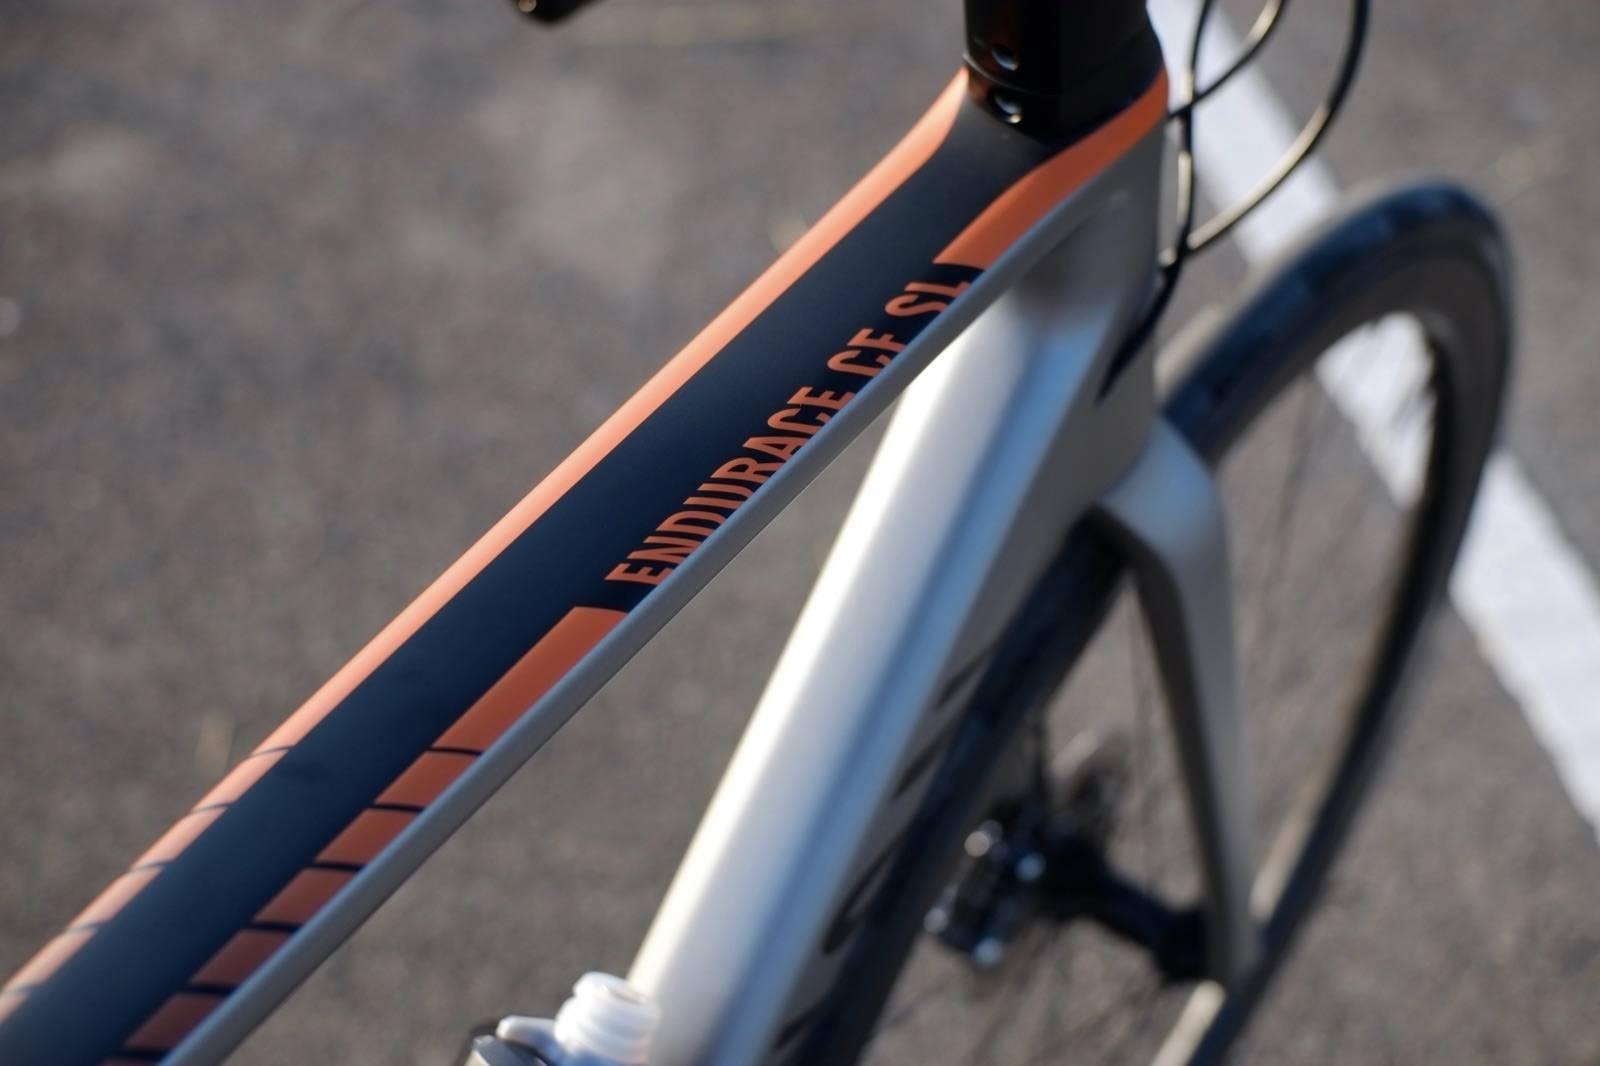 เฟรมรถจักรยาน Canyon Endurace CF SL